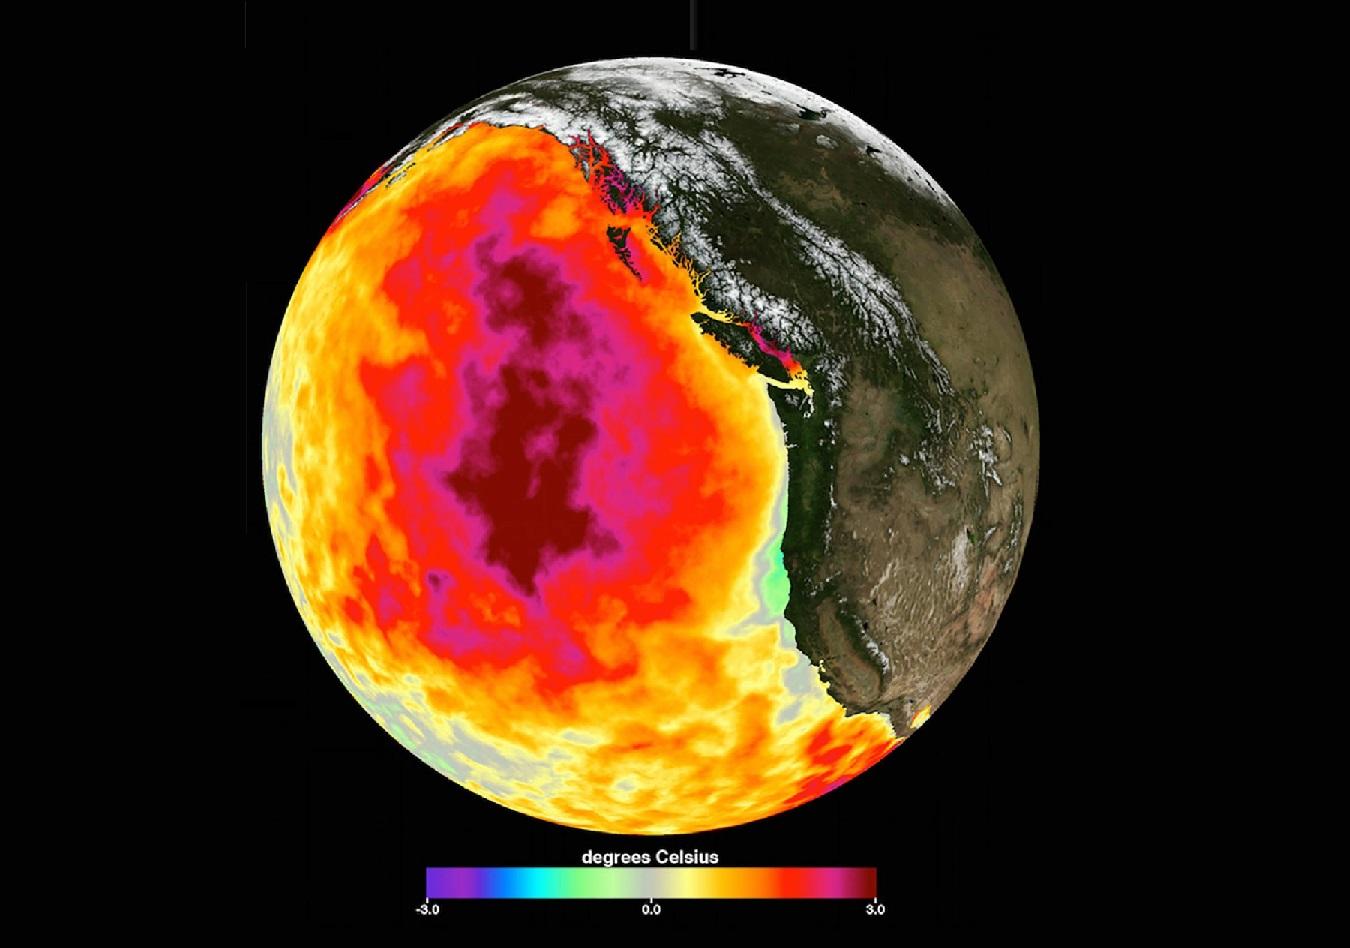 Las gigantescas masas de agua caliente de los océanos parecen ser causadas por los humanos